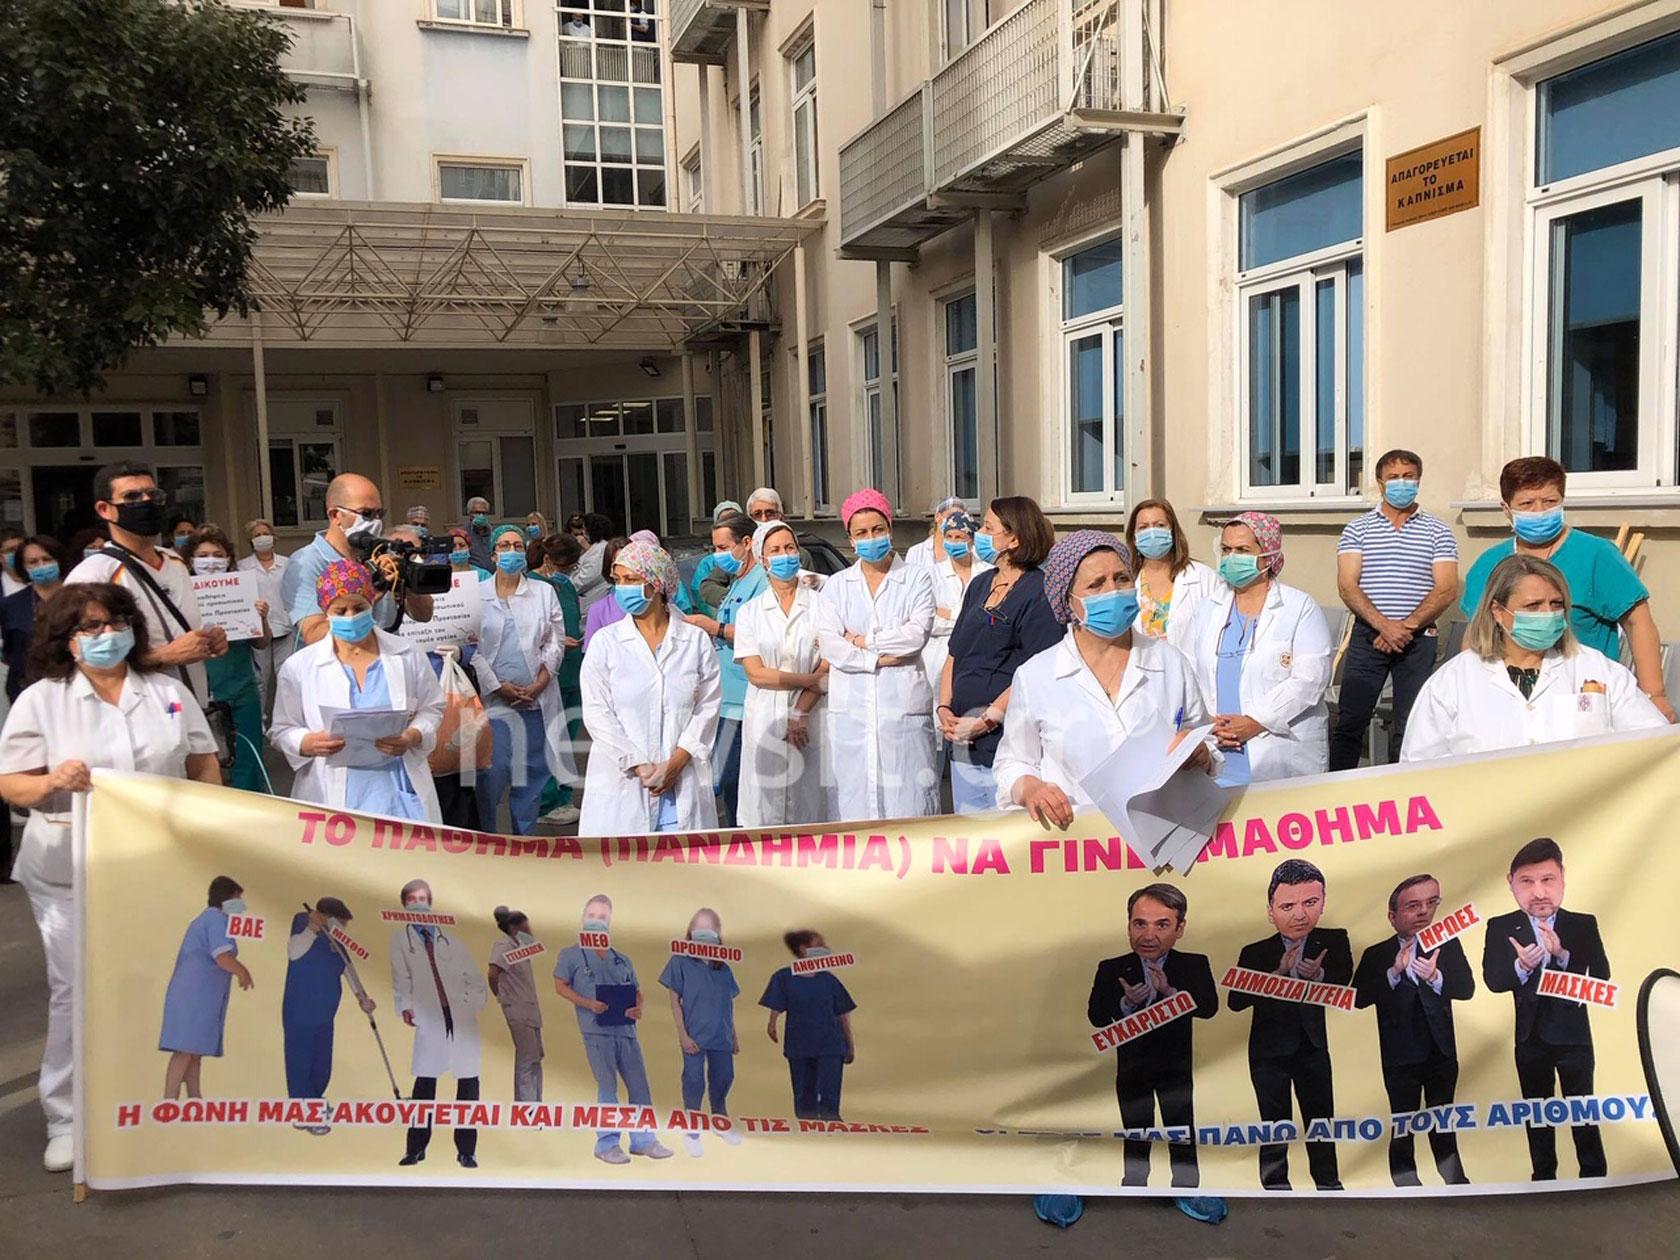 """Διαμαρτυρία με χειροκρότημα στο """"Αλεξάνδρα"""" για την Παγκόσμια Νοσηλευτή (pics, video)"""